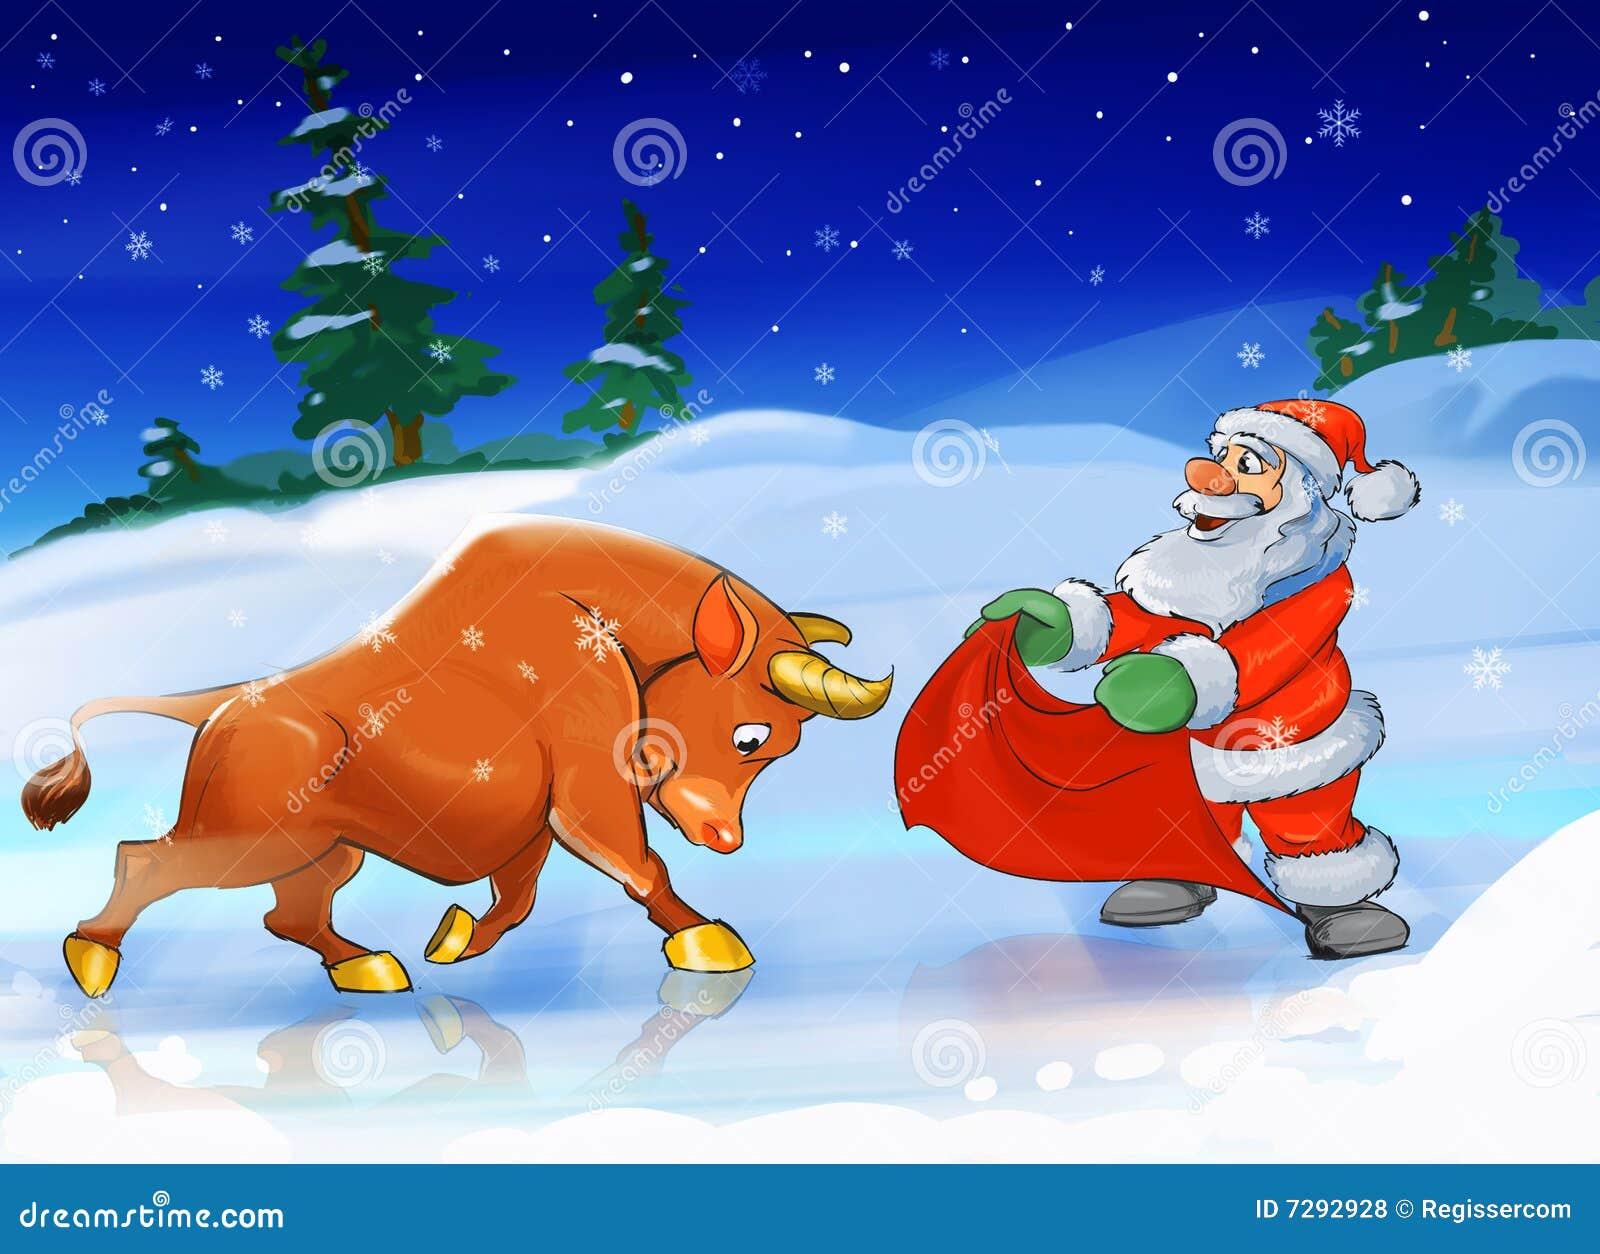 Byk Claus Santa